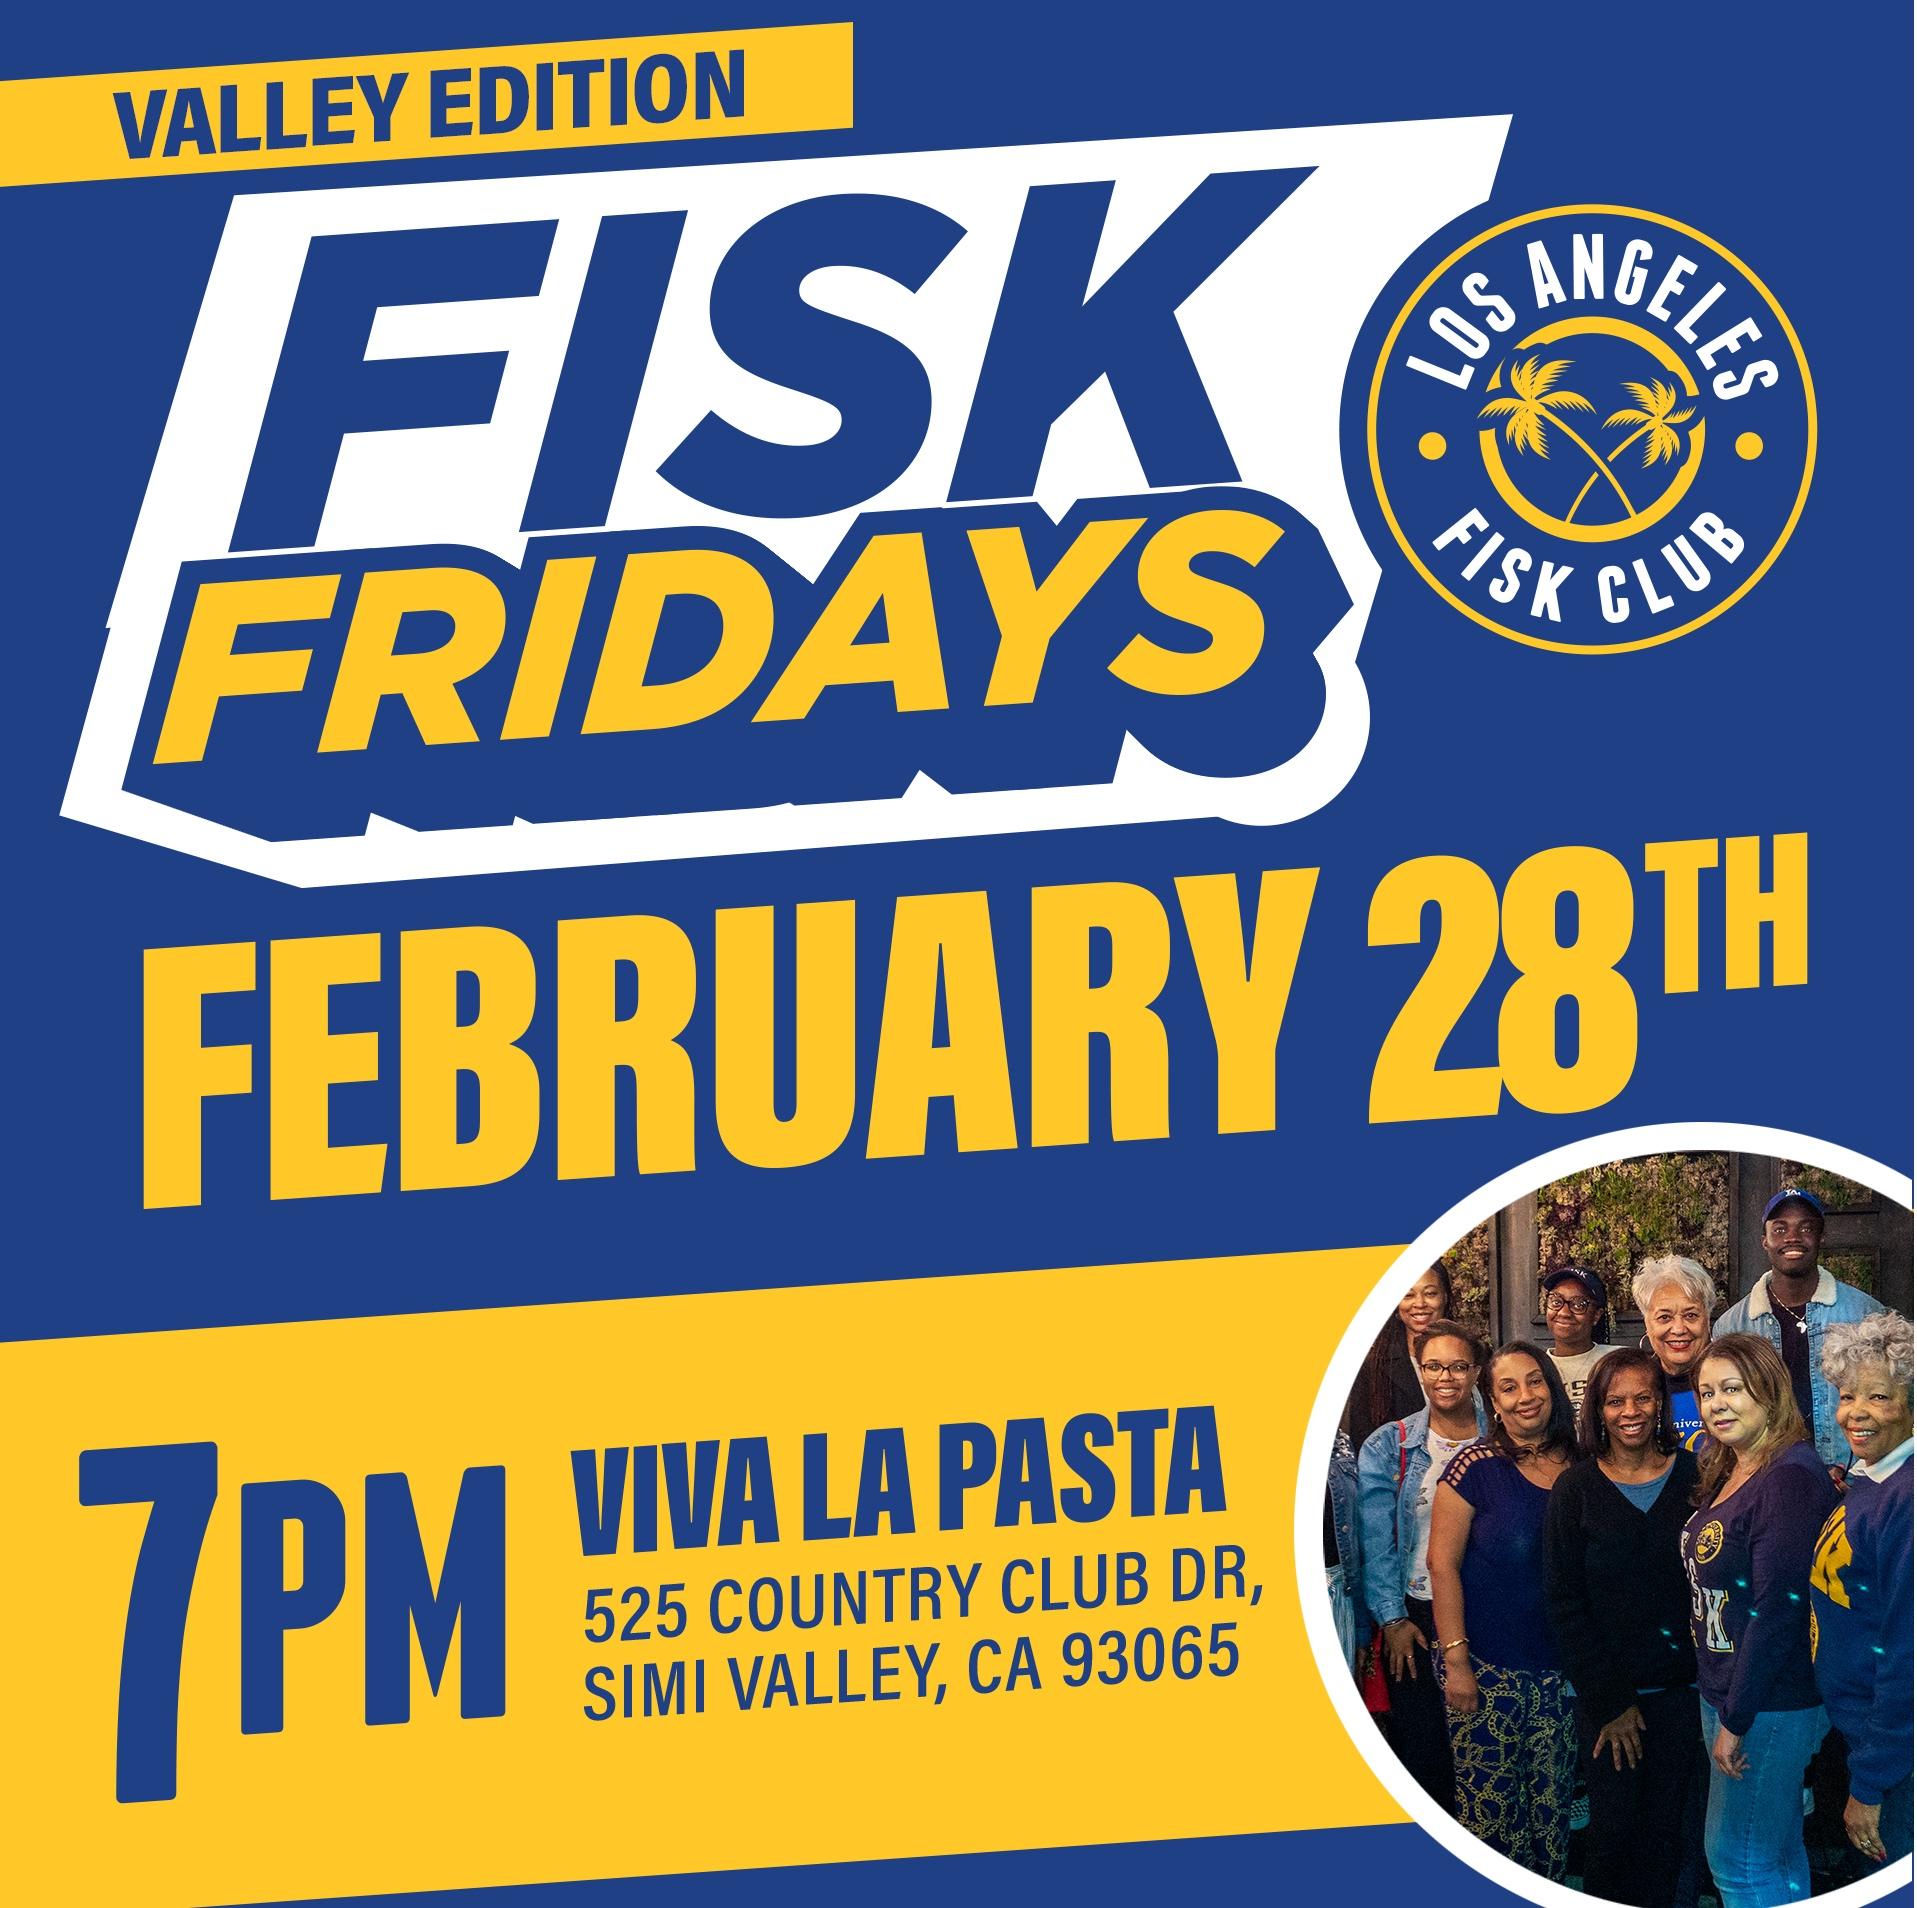 FISK FRIDAYS - Valley Edition